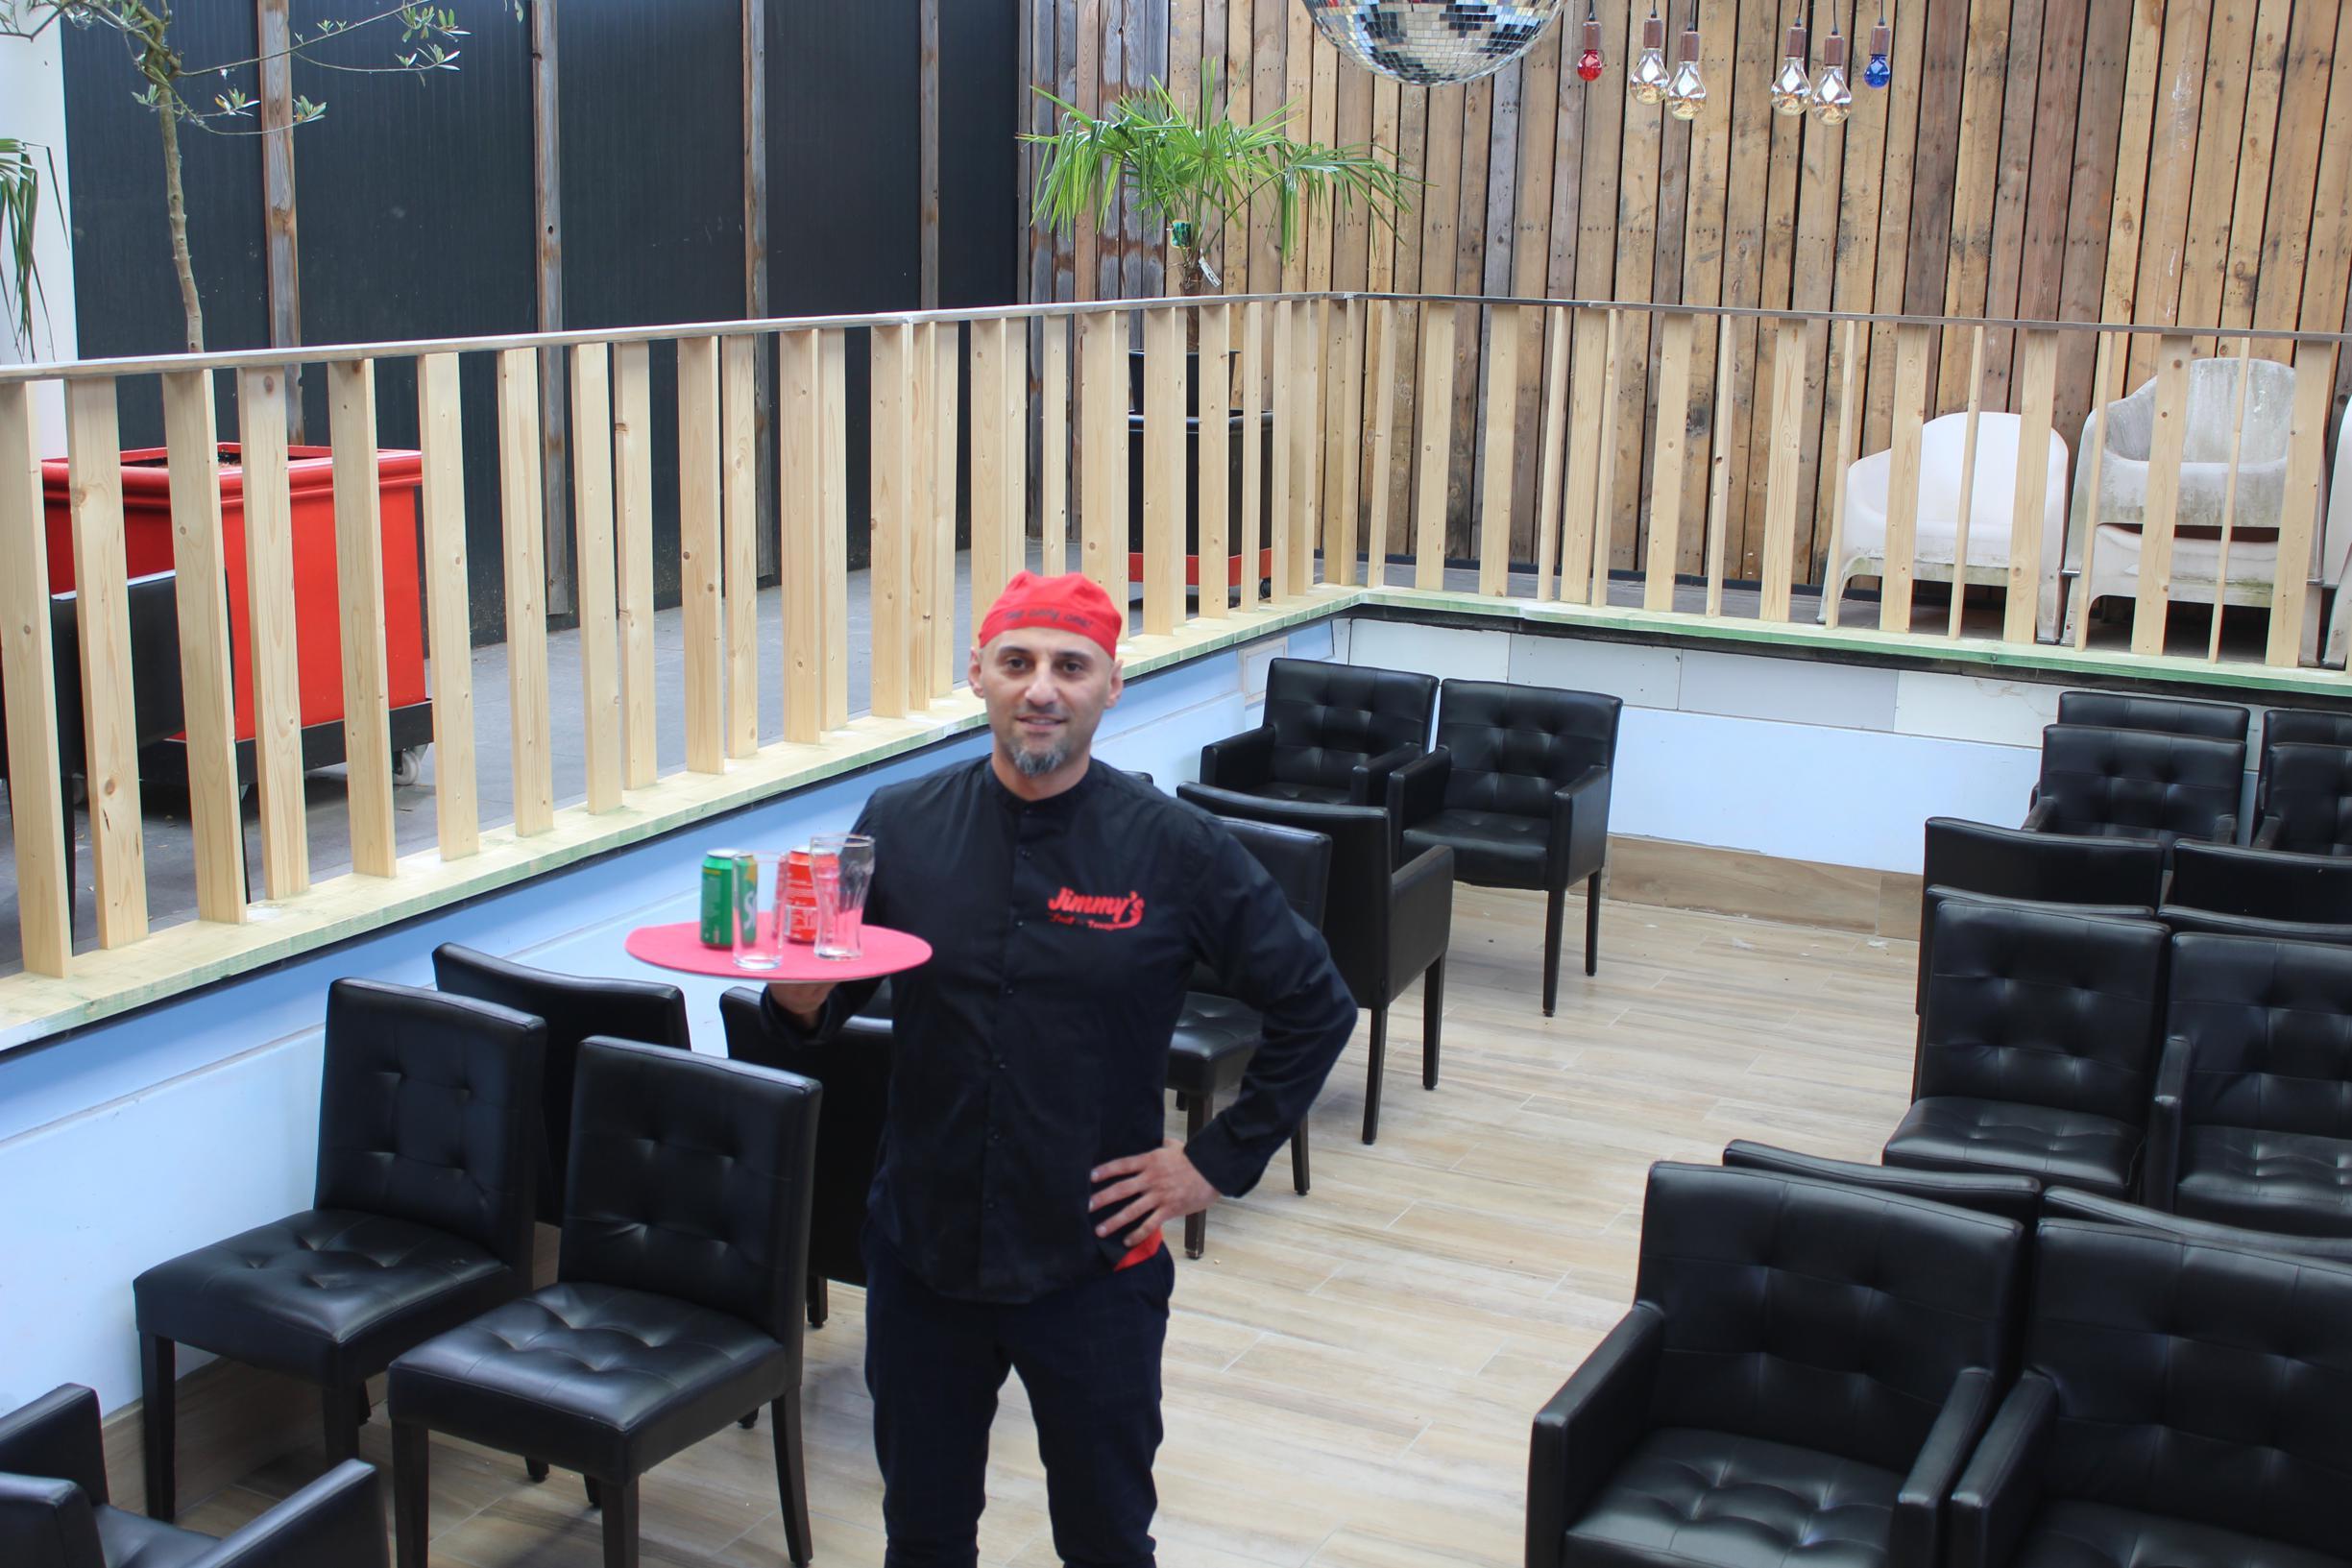 Radiostem sven pichal (42) heeft het in een column opgenomen voor comedian william boeva (31). In dit Zonhovens café kan je terrassen in een zwembad